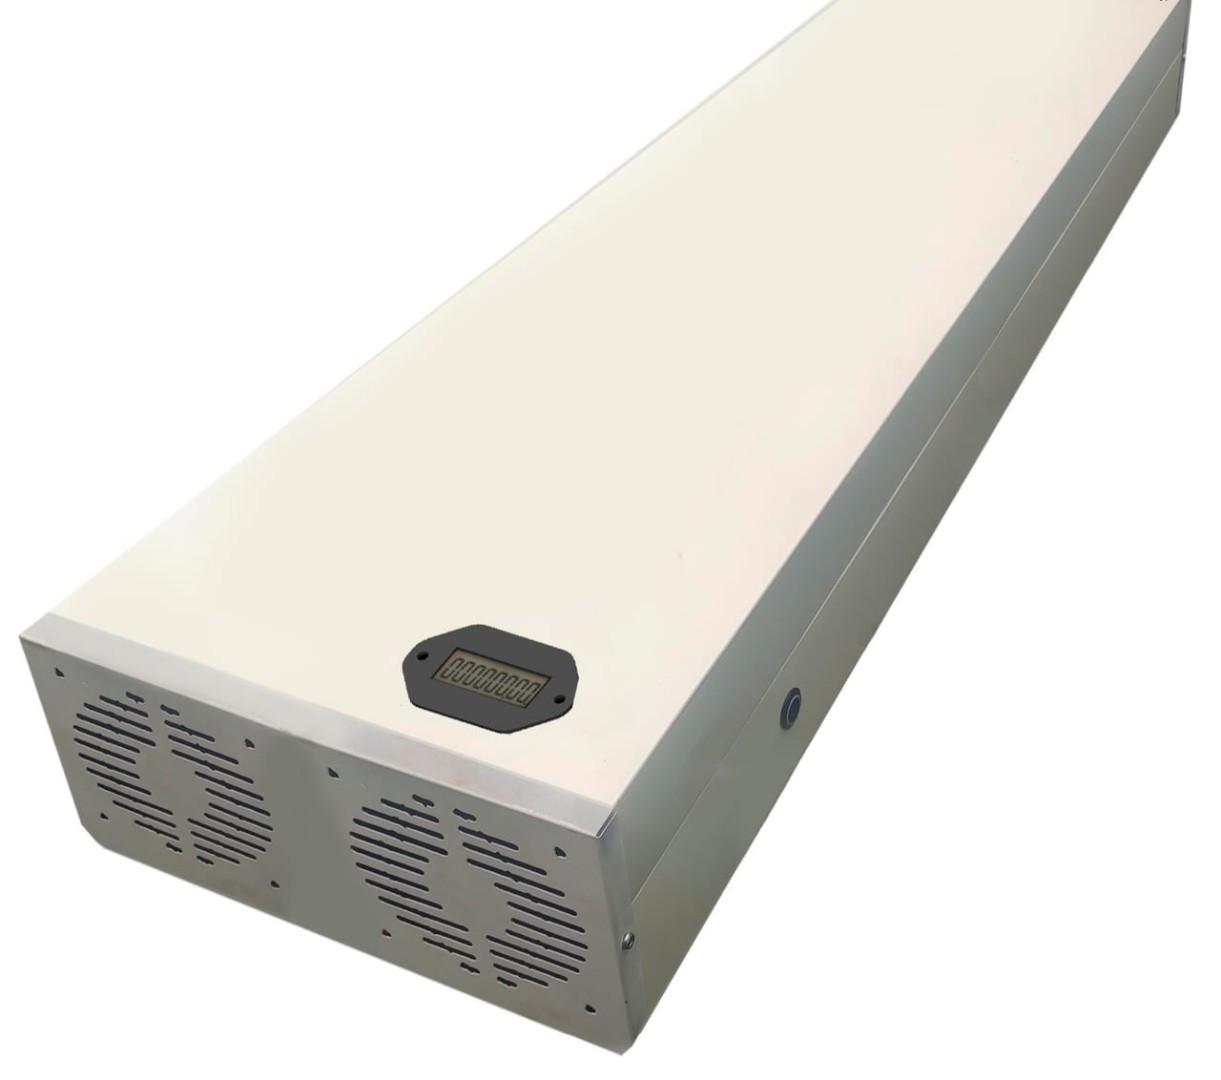 Бактерицидный рециркулятор до 100 м3/ч BioBox РВ-1 2х30